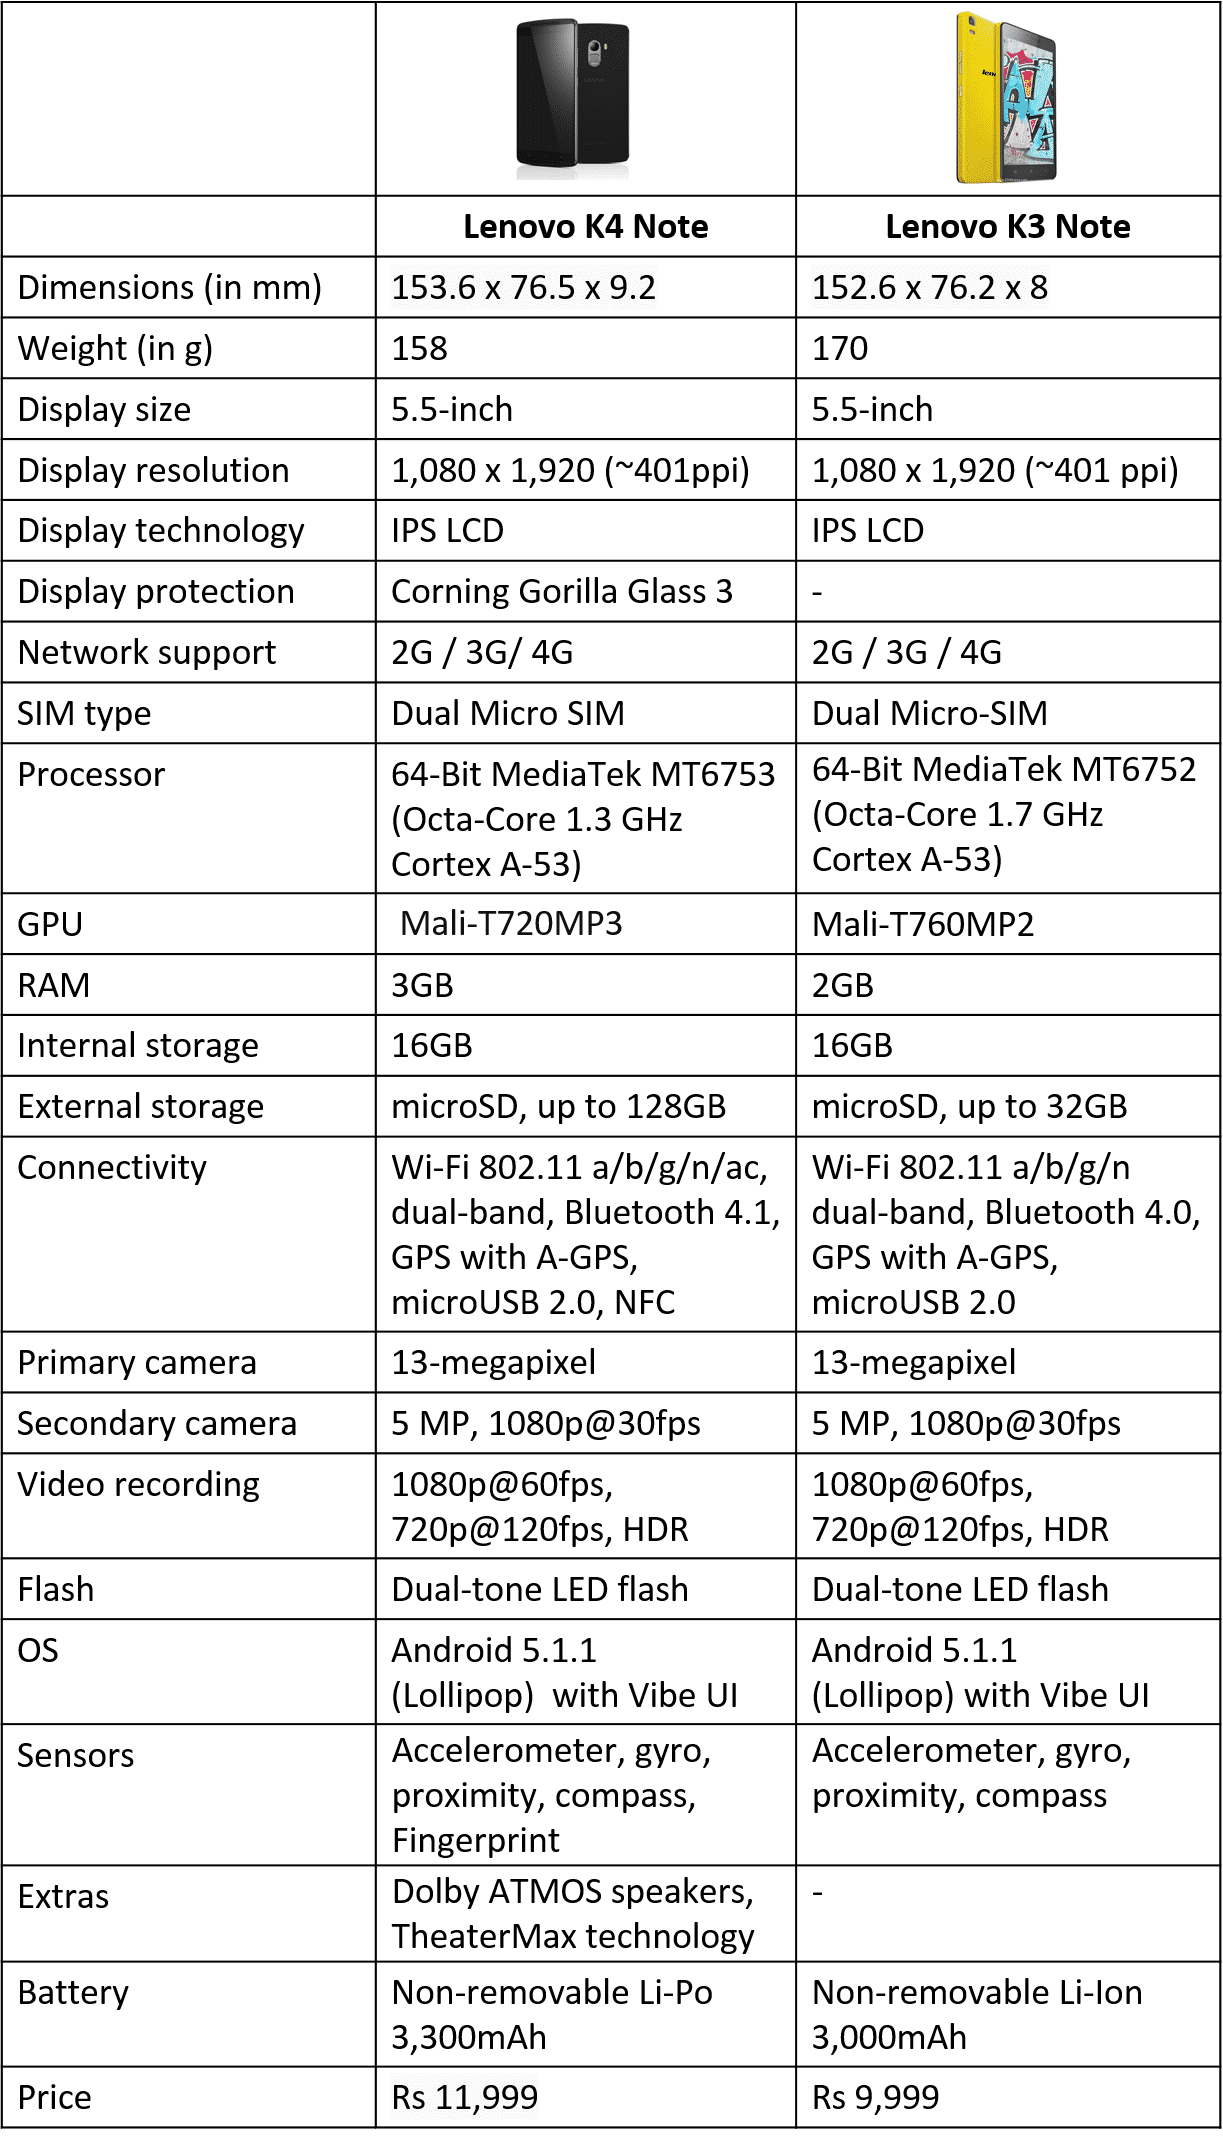 Lenovo K4 Note vs K3 Note comparison table